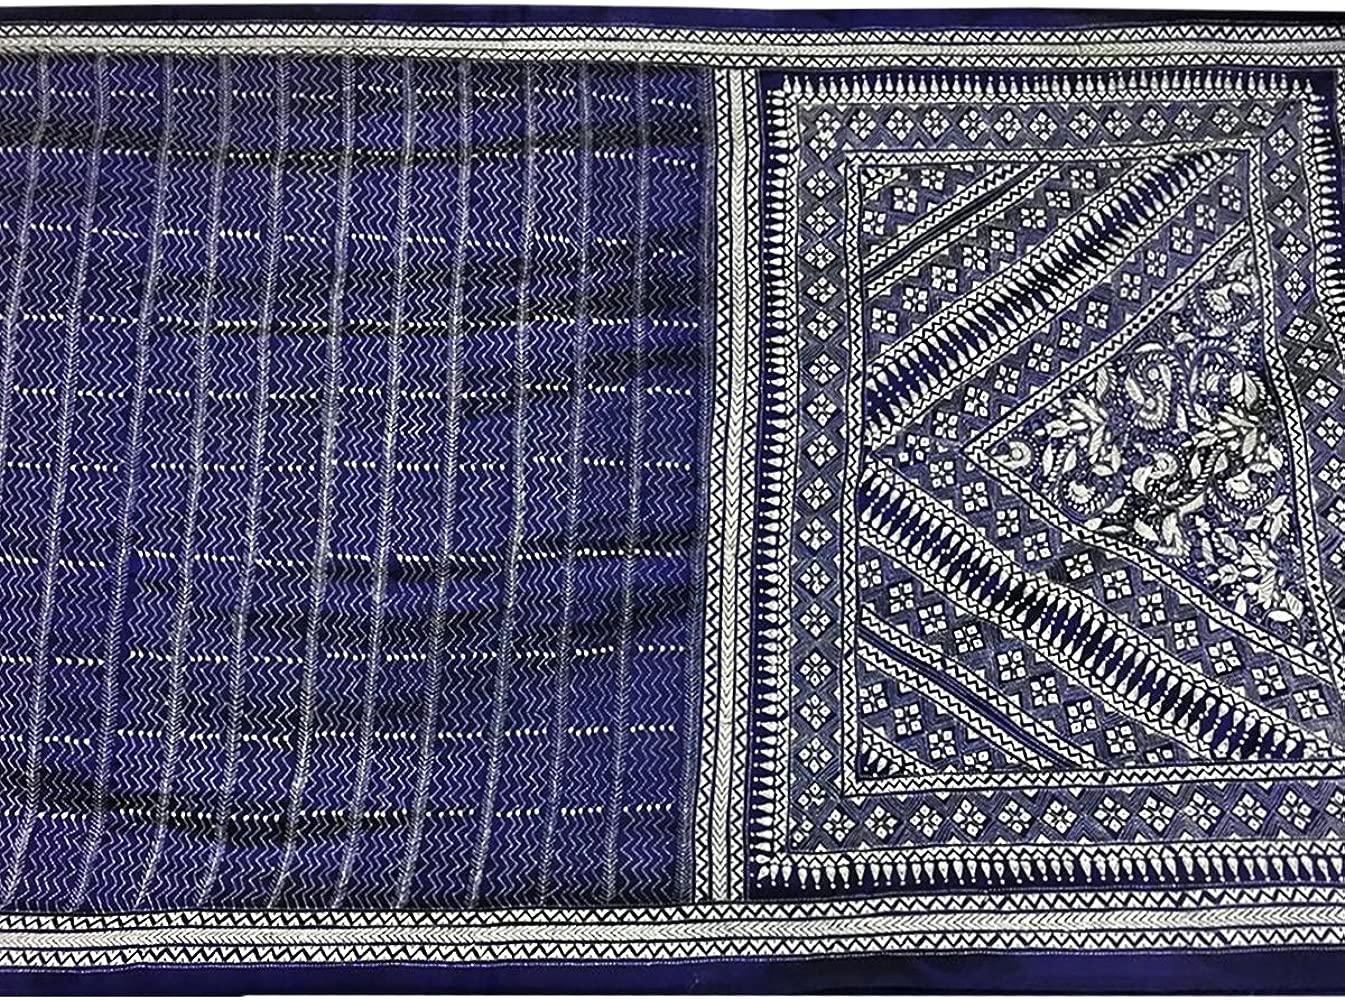 Sari de seda baluchuri tradicional étnica diseñador hecho a ...